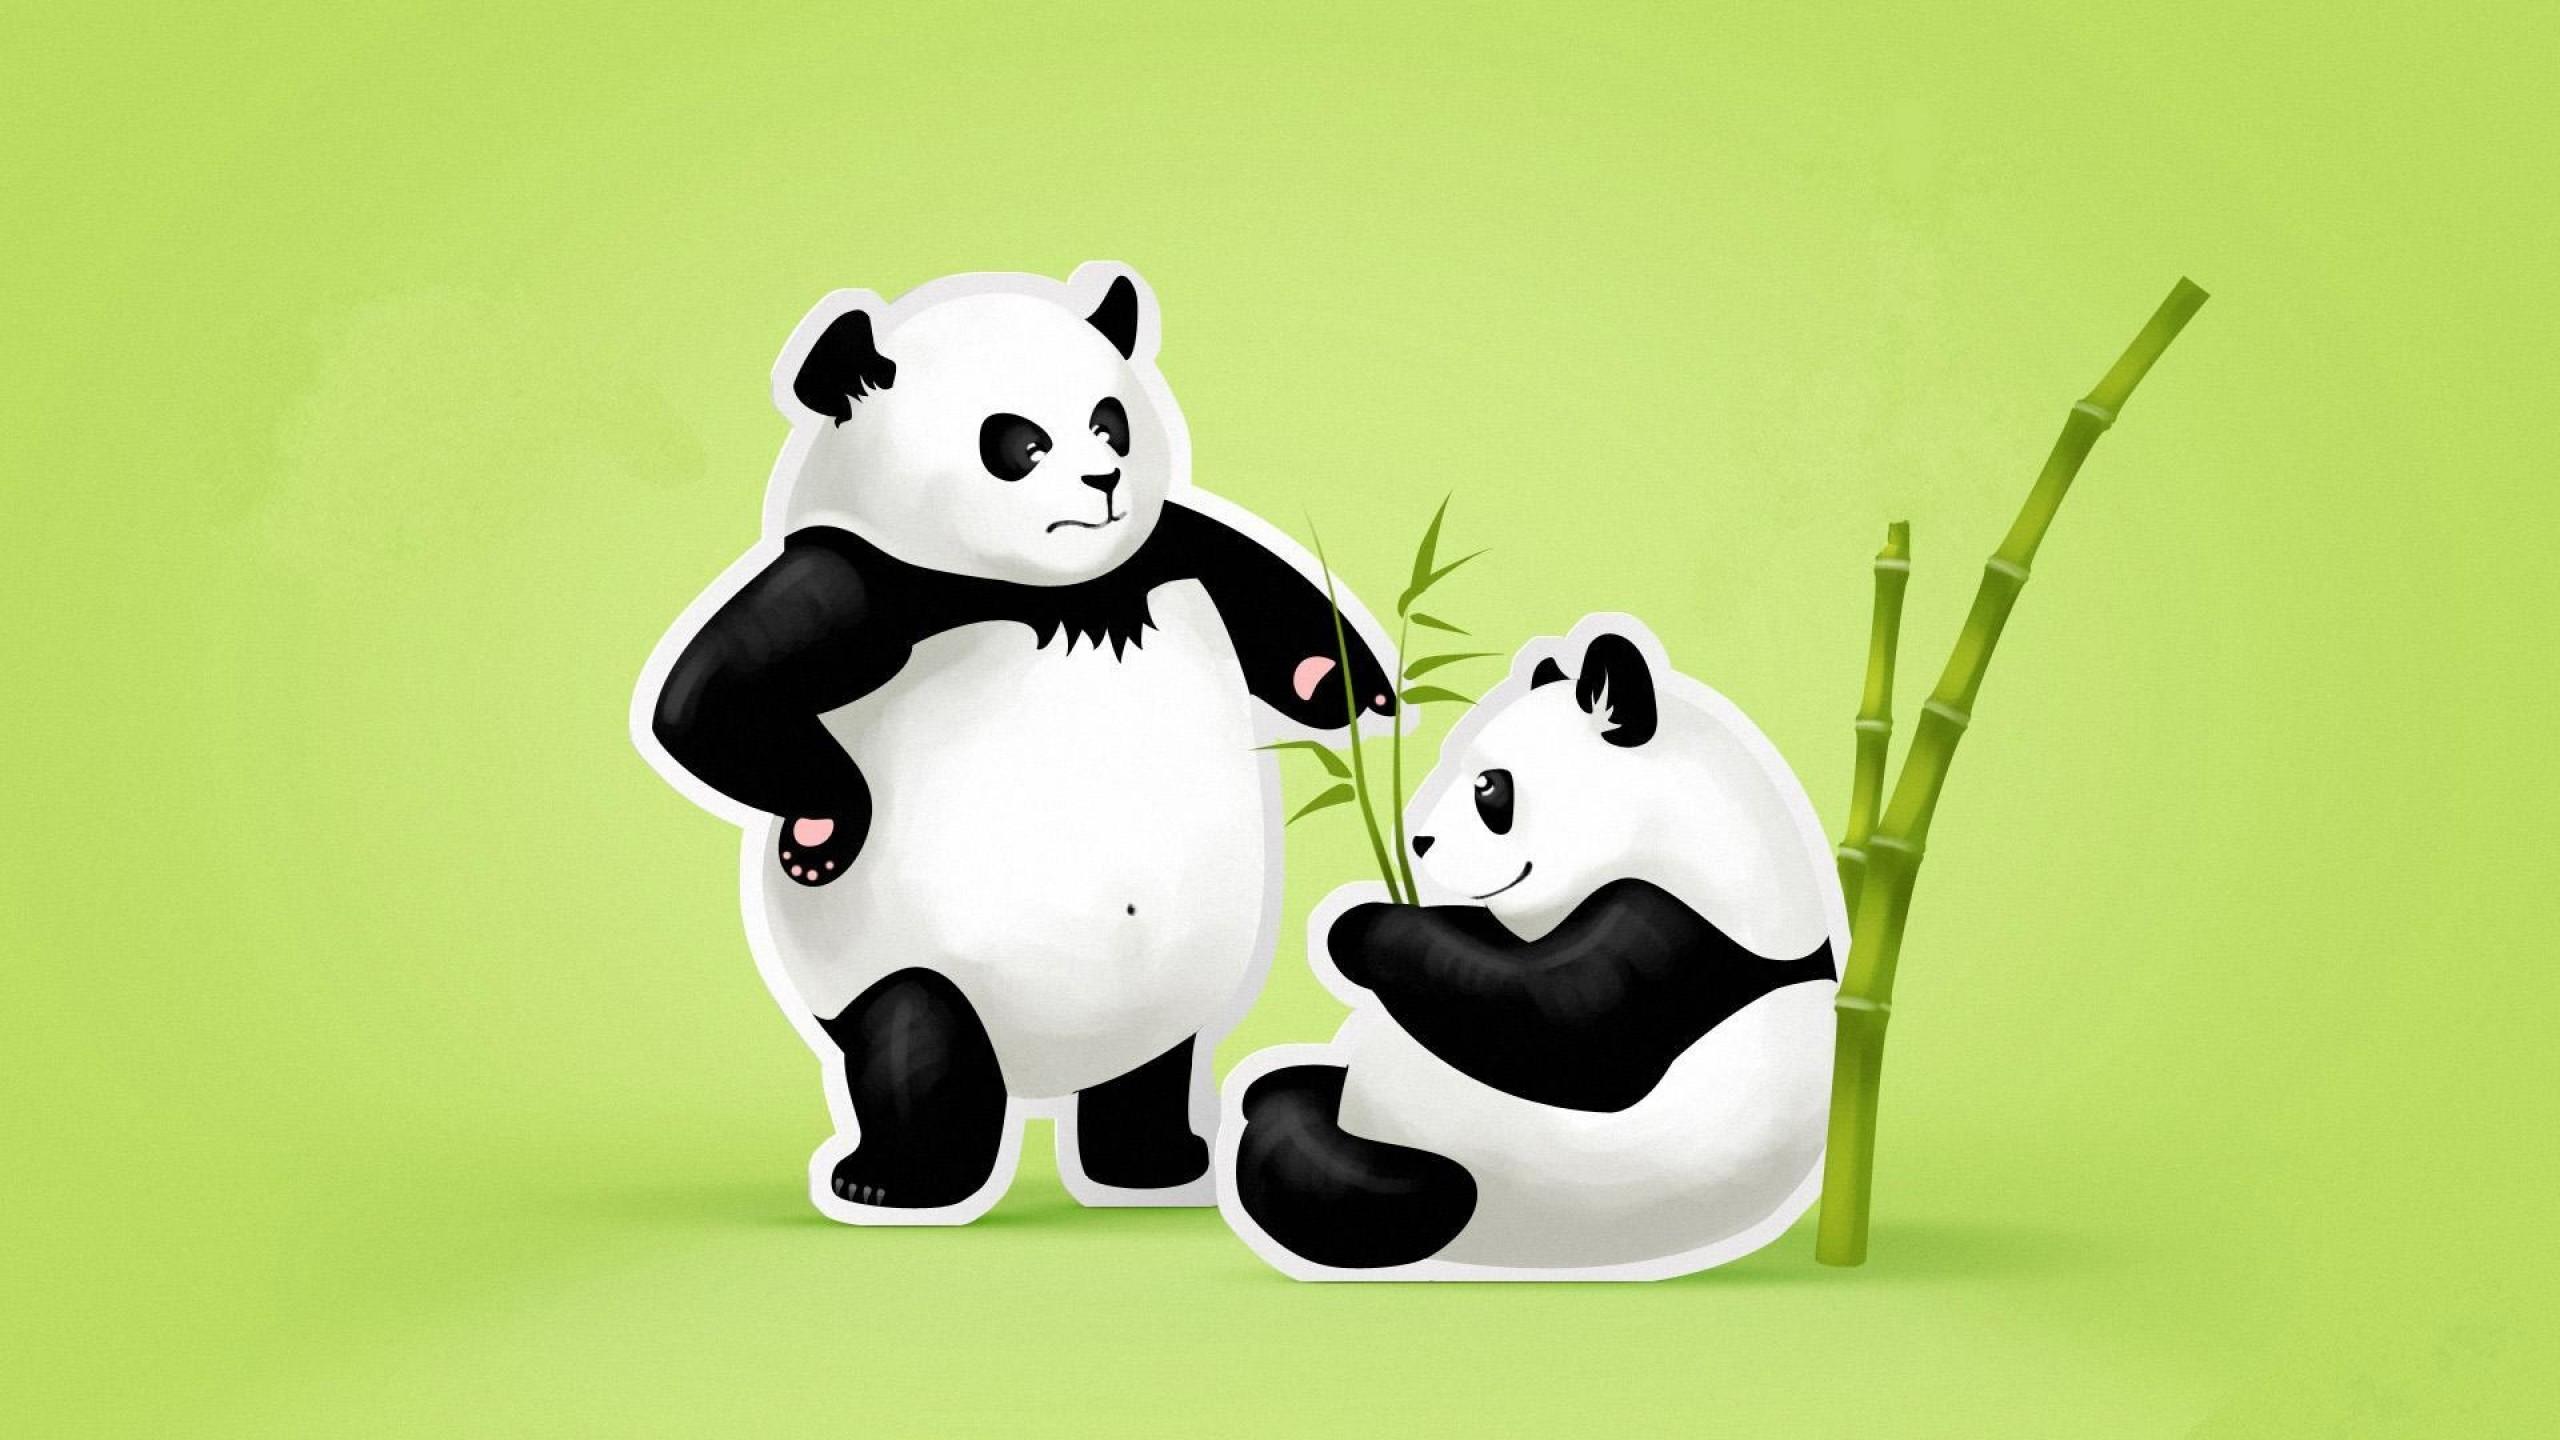 Cute Cartoon Panda Wallpaper (77+ images)